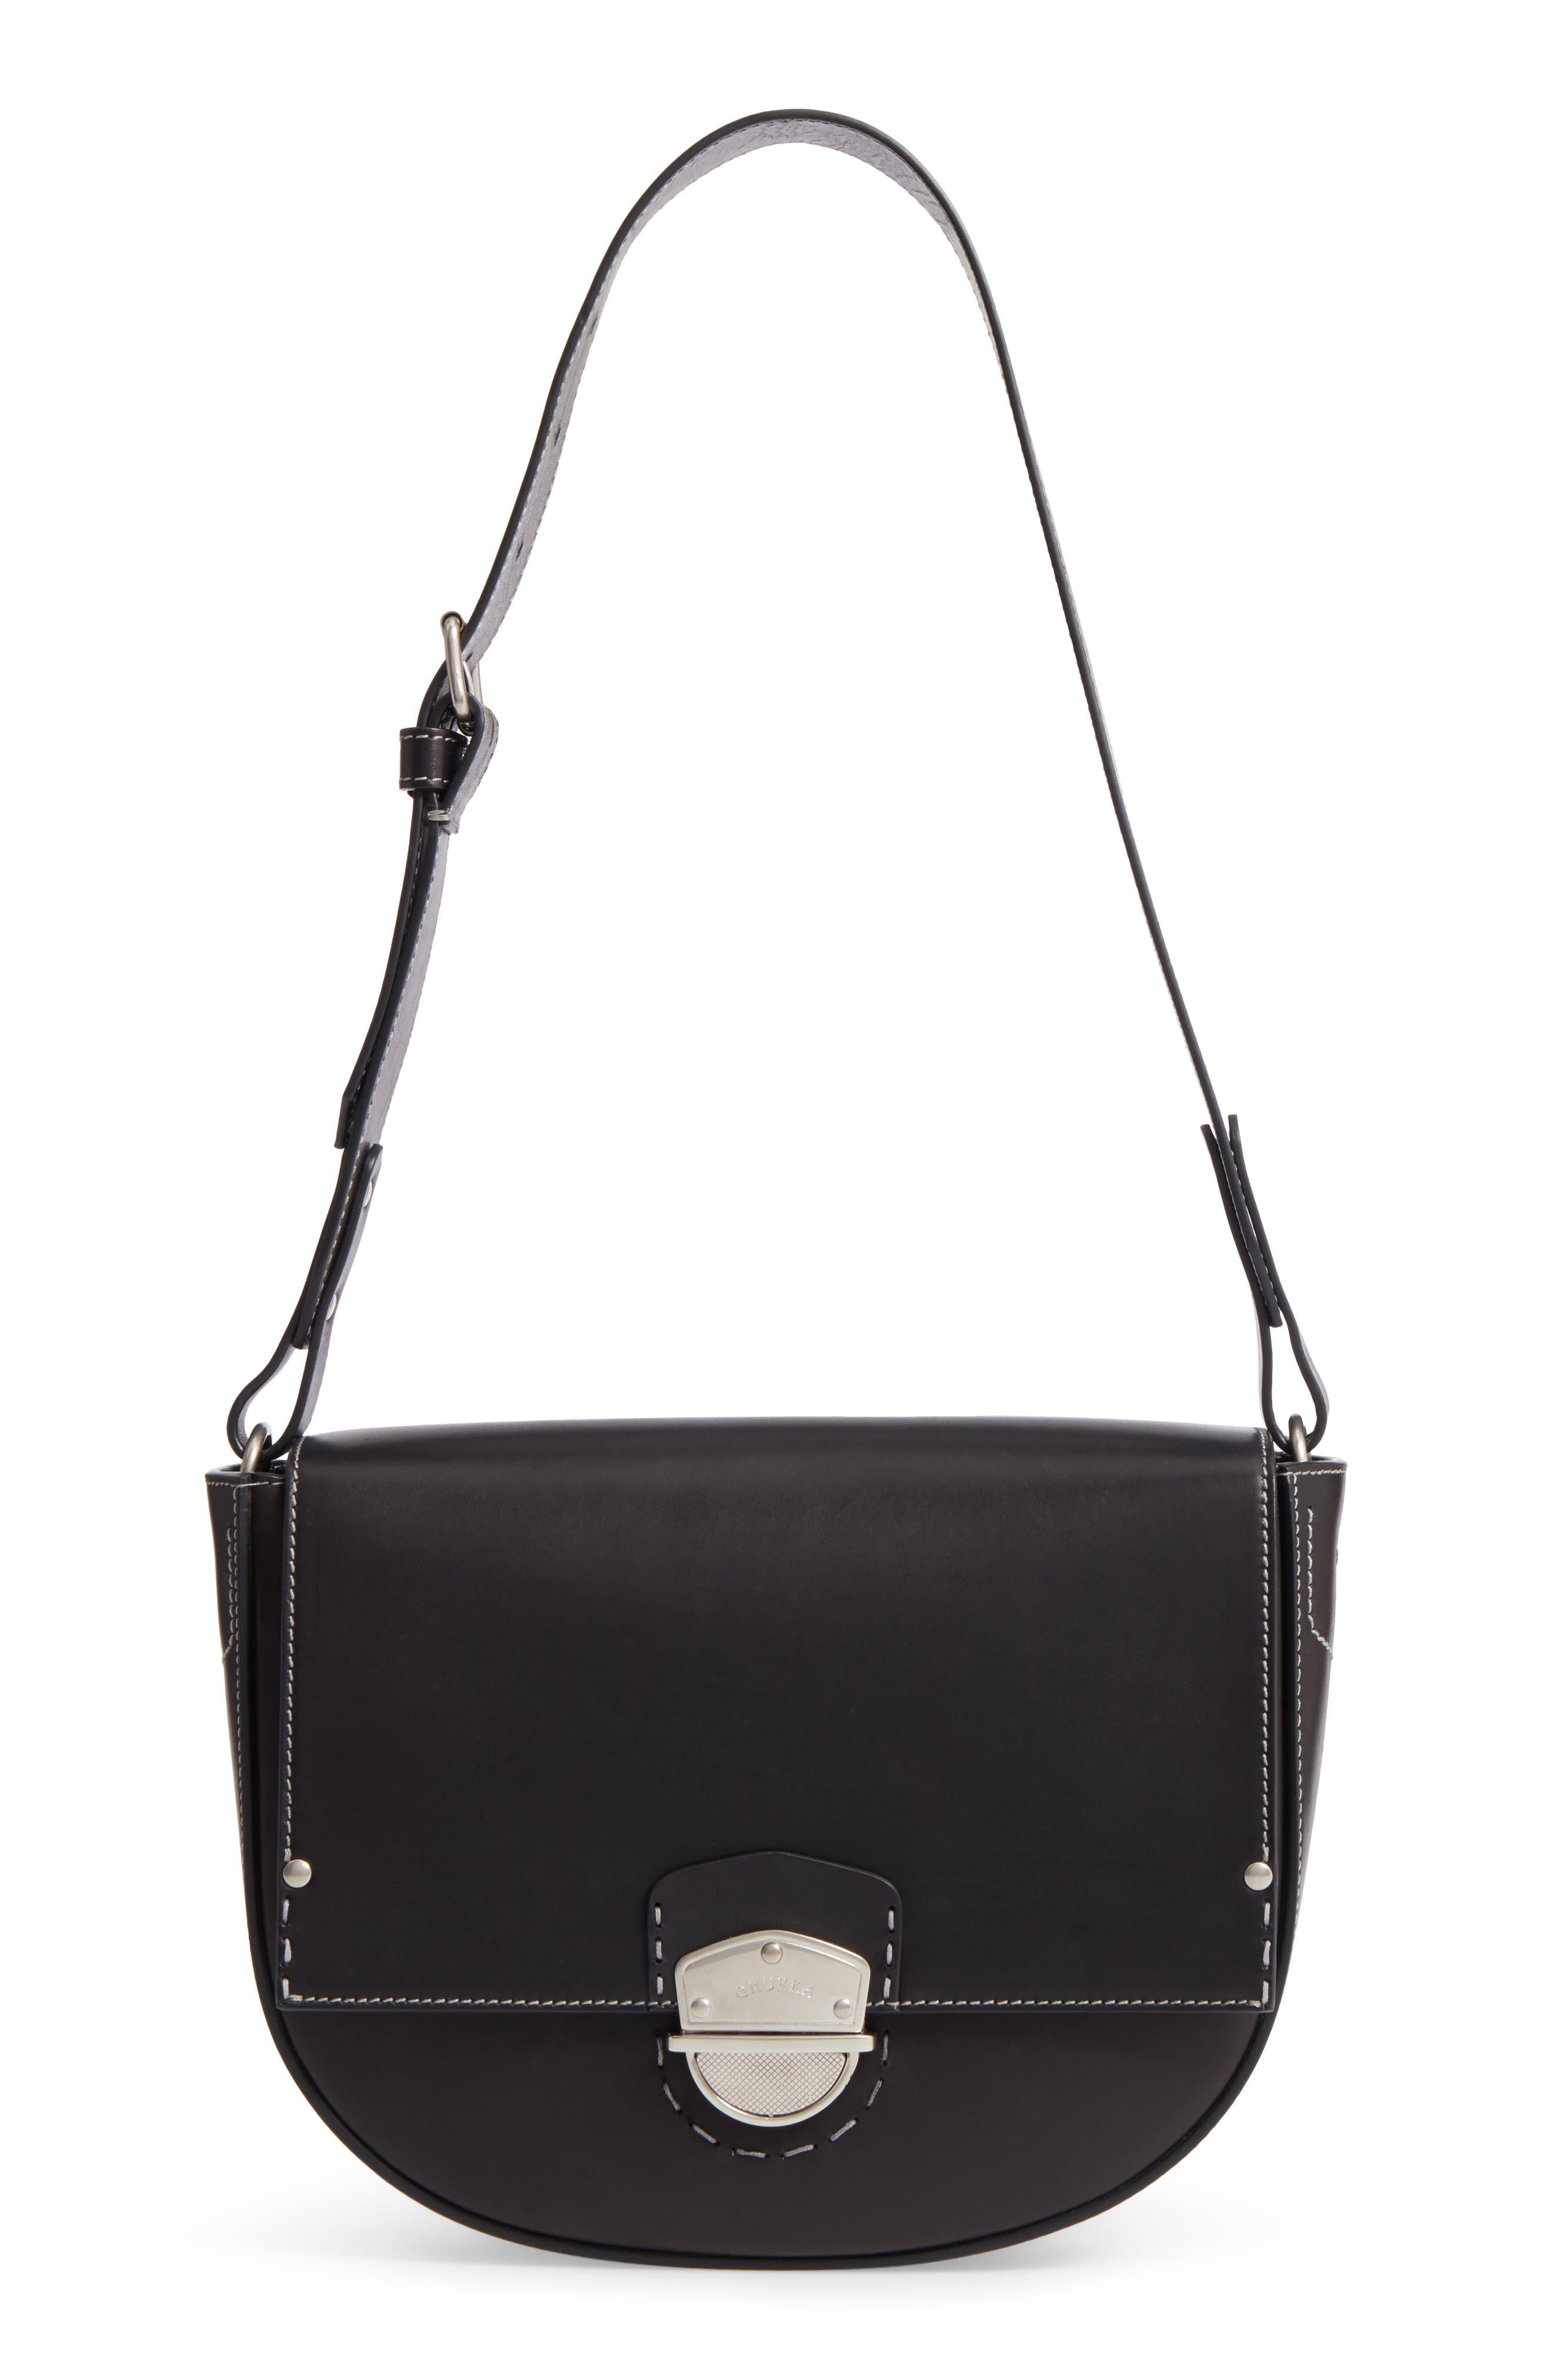 Main Image - Ghurka Marlow II Leather Shoulder Bag